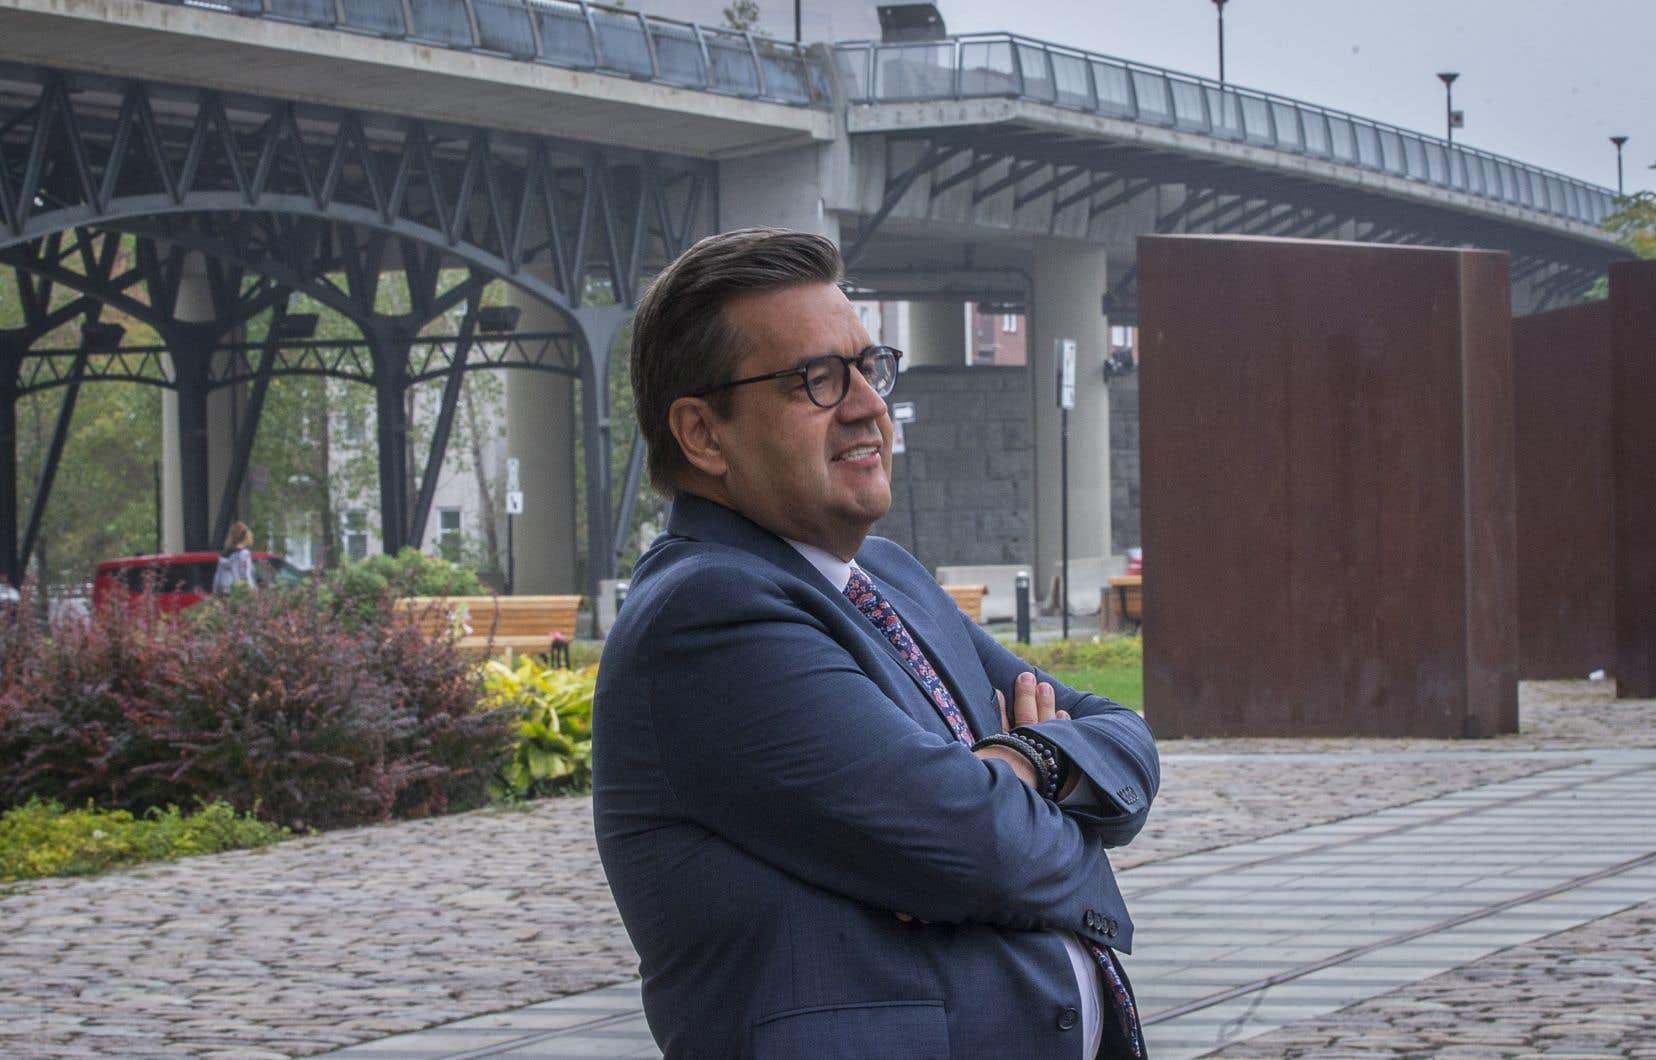 «Notre équipe entend favoriser le vivre-ensemble et assurer une continuité cohérente entre le nouveau quartier des Faubourgs et le Vieux-Montréal», a fait valoir DenisCoderre, qui a évoqué l'idée de s'inspirer du High Line, à New York, pour son projet.